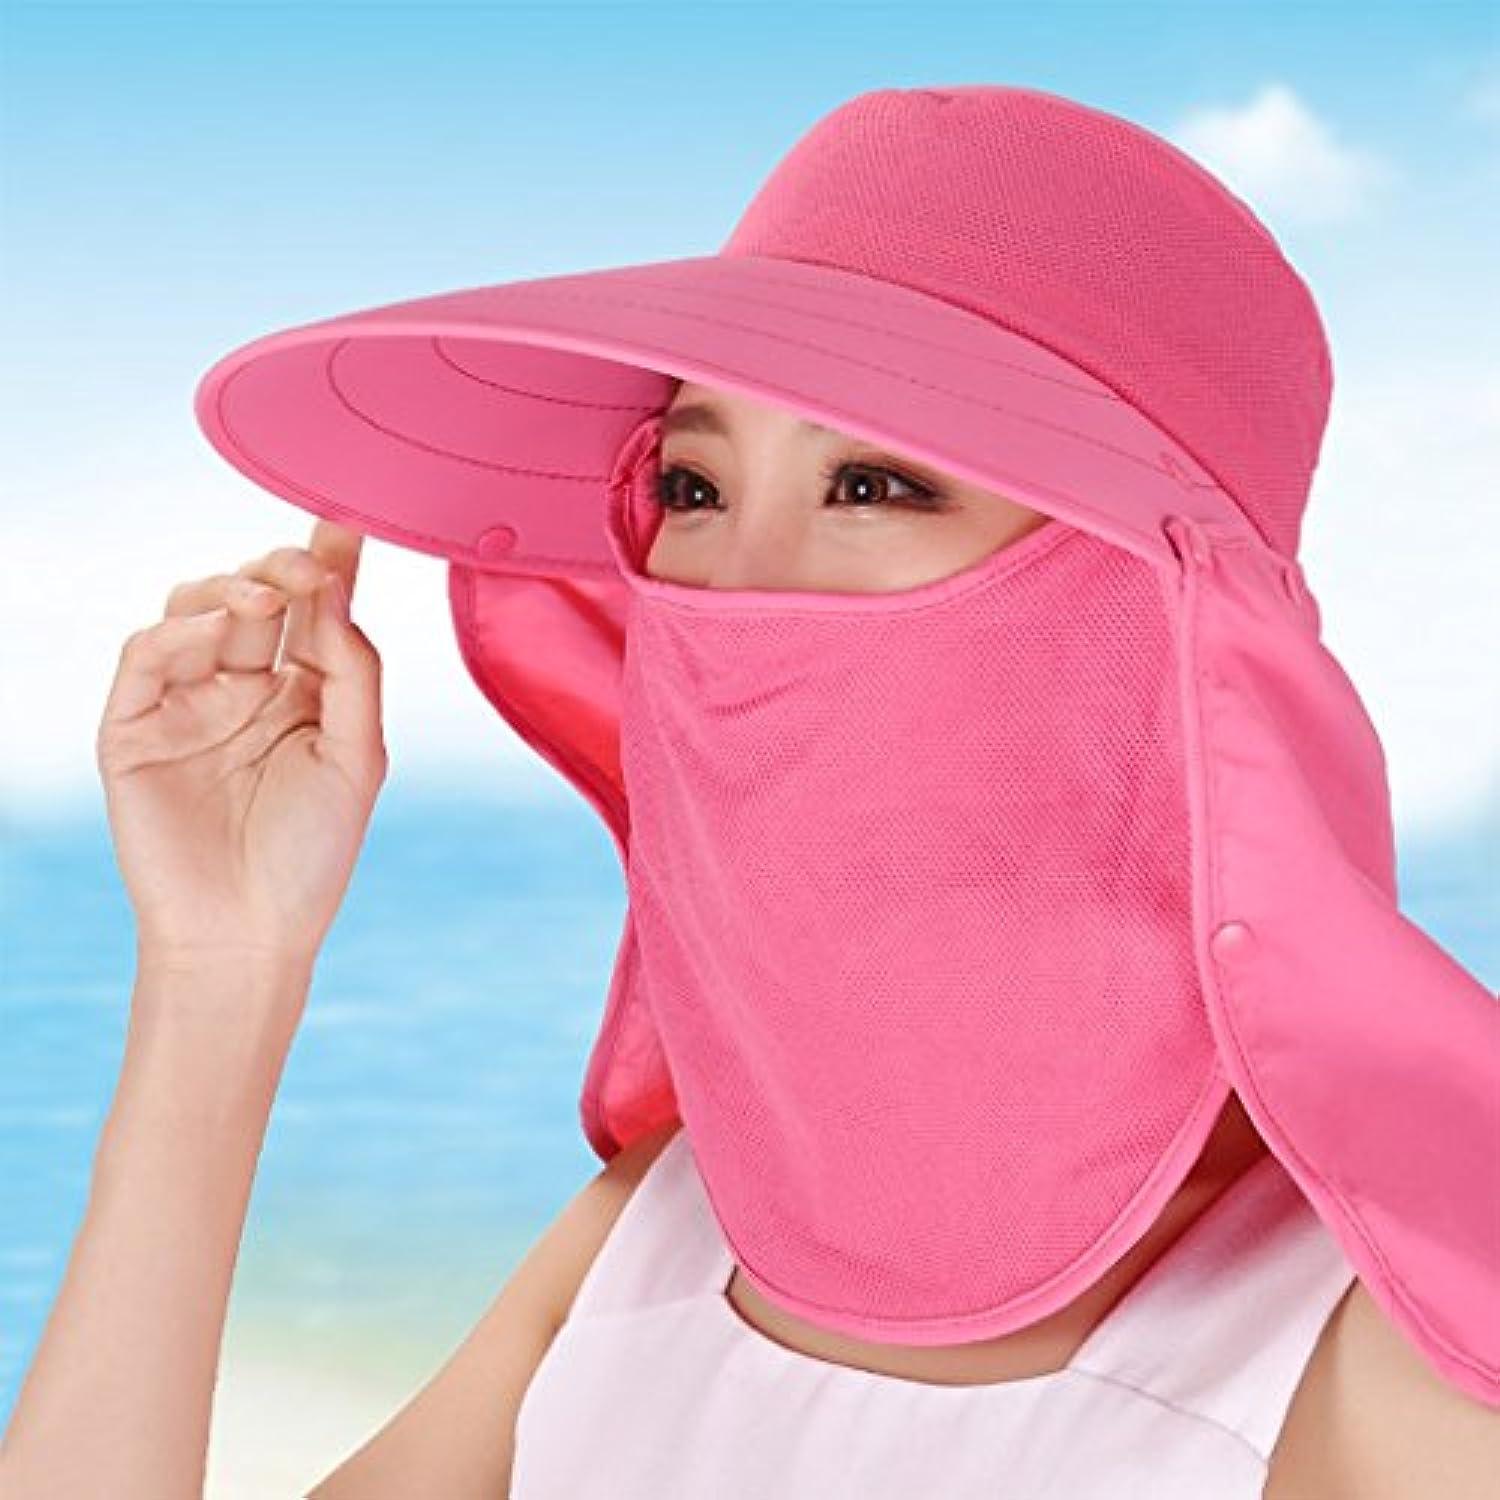 YXI 女性の 日焼け止め 夏 カバー面 抗UV 日よけ帽 グレートエッジ 折りたたみ可能 サマーハット (色 : 1)